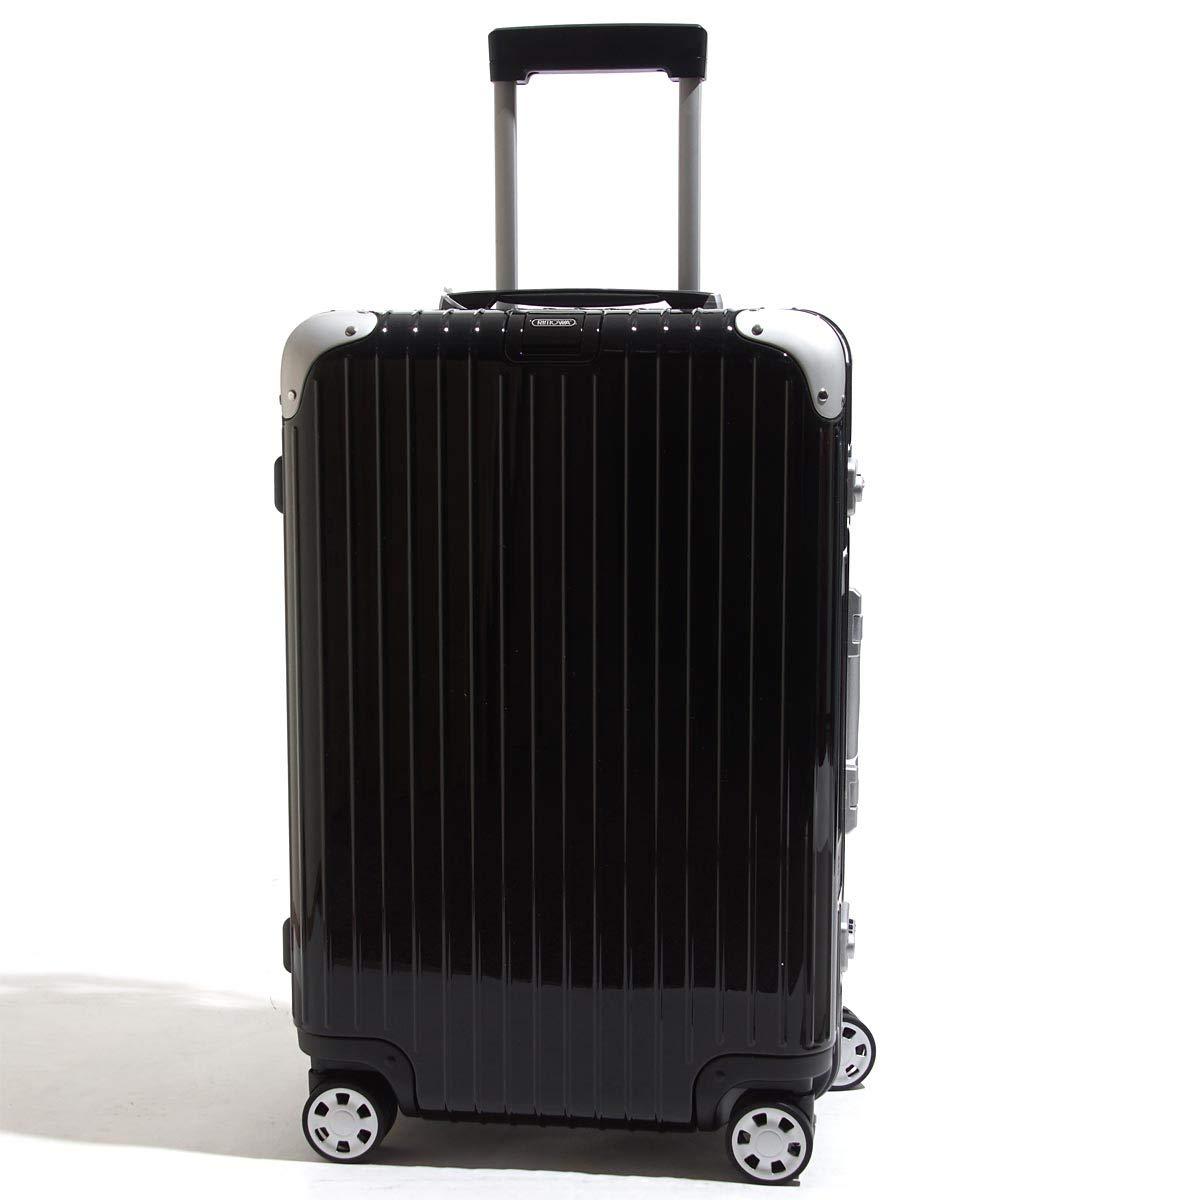 (リモワ) RIMOWA スーツケース 電子タグ仕様 LIMBO 63 E-TAG リンボ 60L [並行輸入品] B07NMPDNCQ